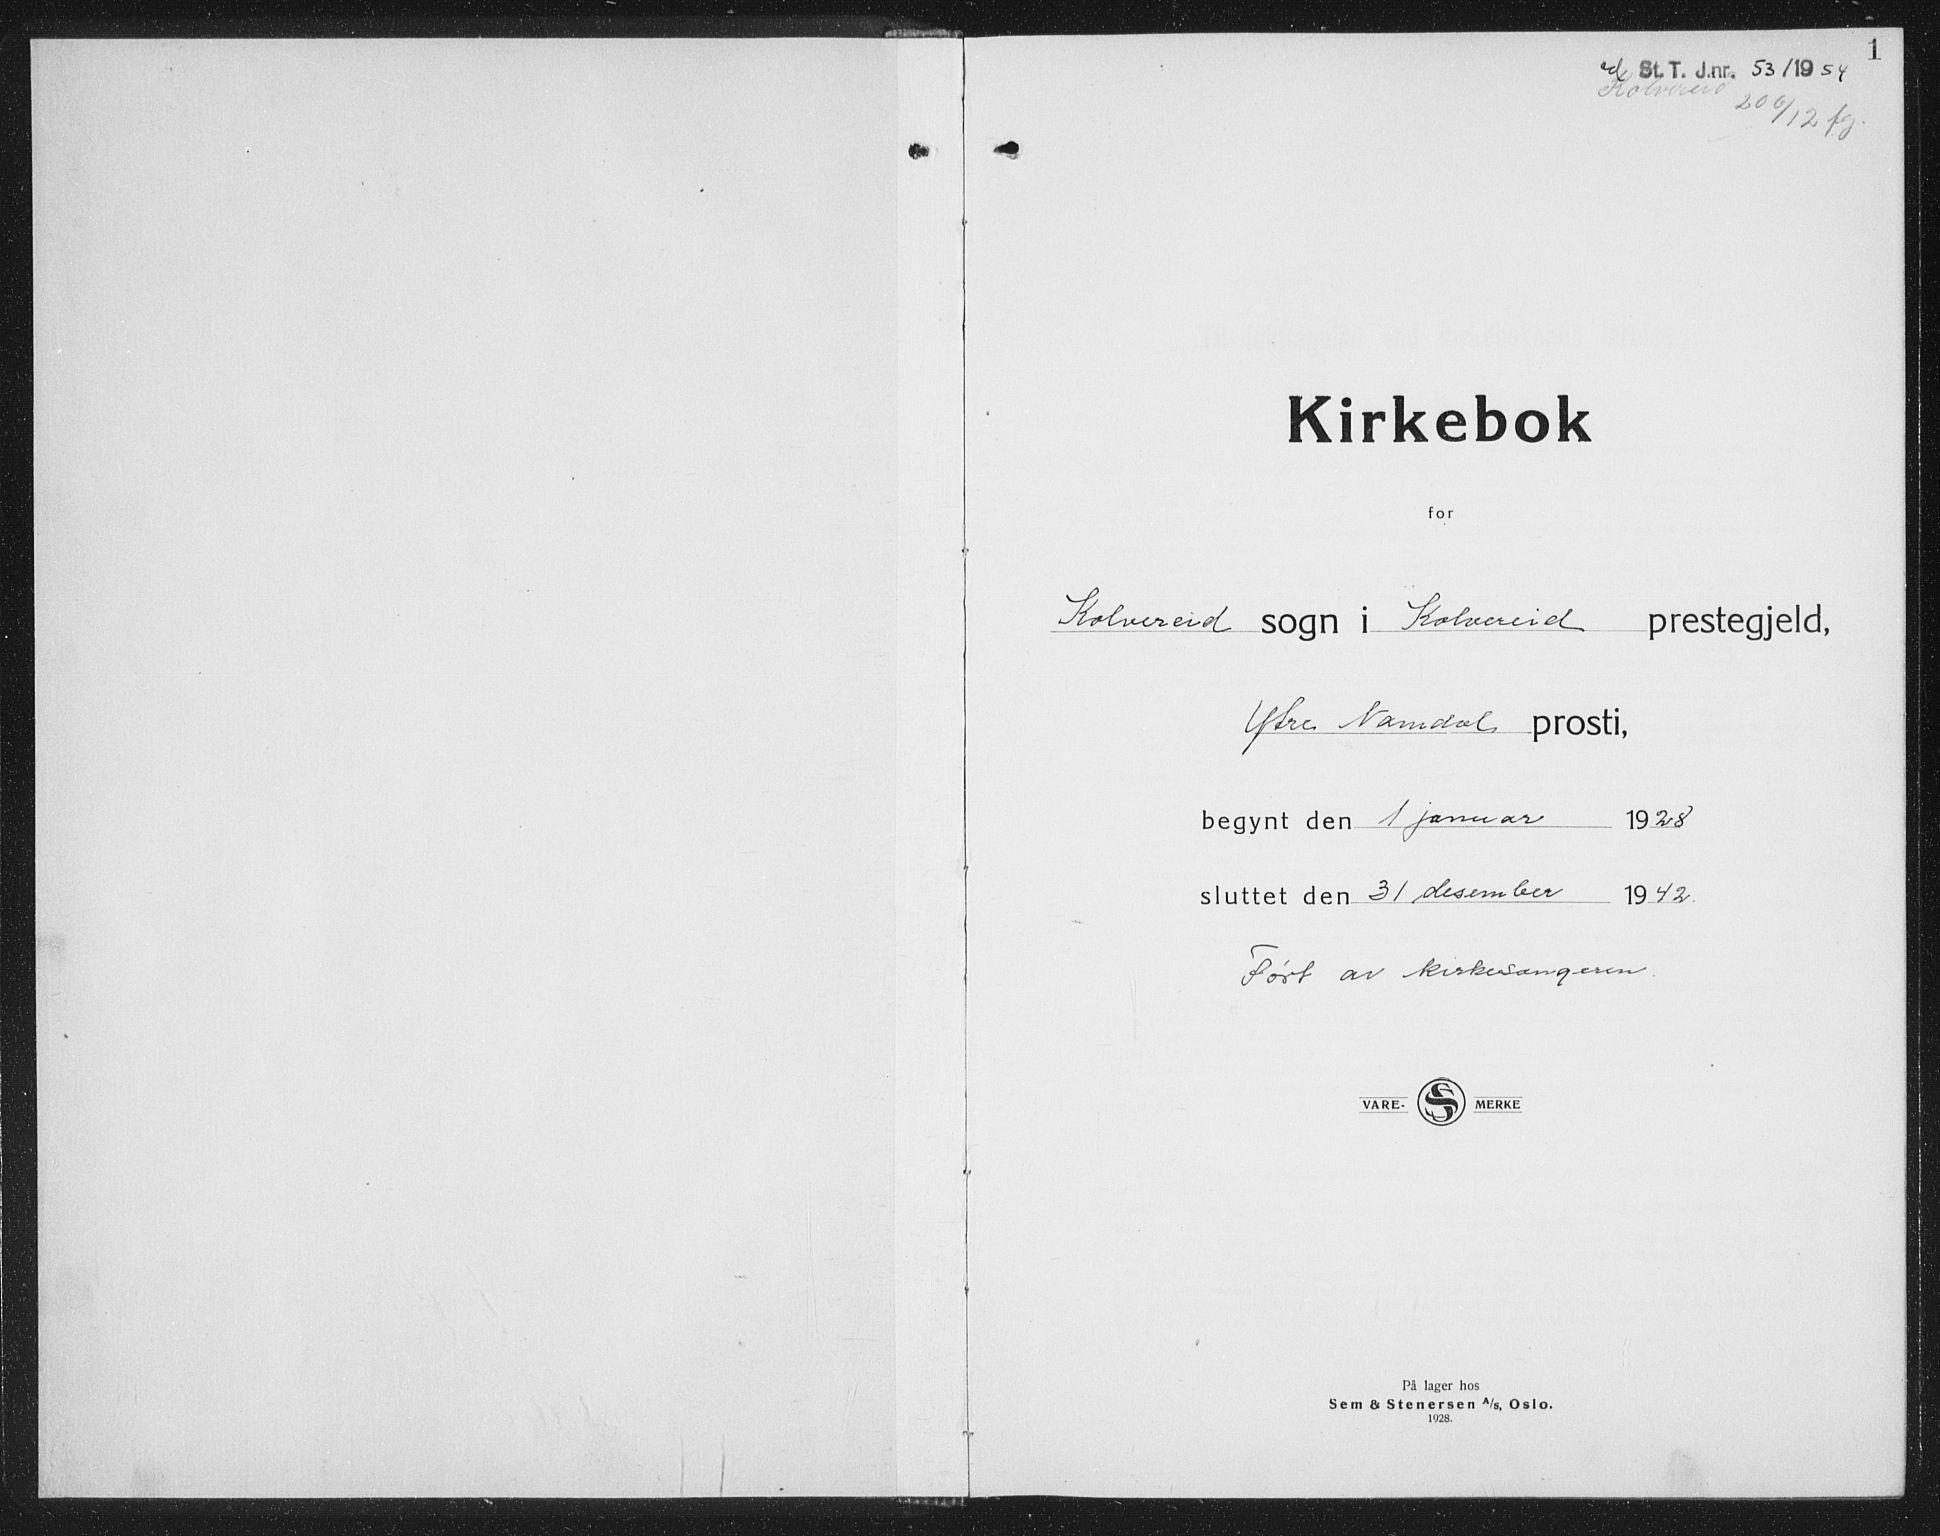 SAT, Ministerialprotokoller, klokkerbøker og fødselsregistre - Nord-Trøndelag, 780/L0654: Klokkerbok nr. 780C06, 1928-1942, s. 1